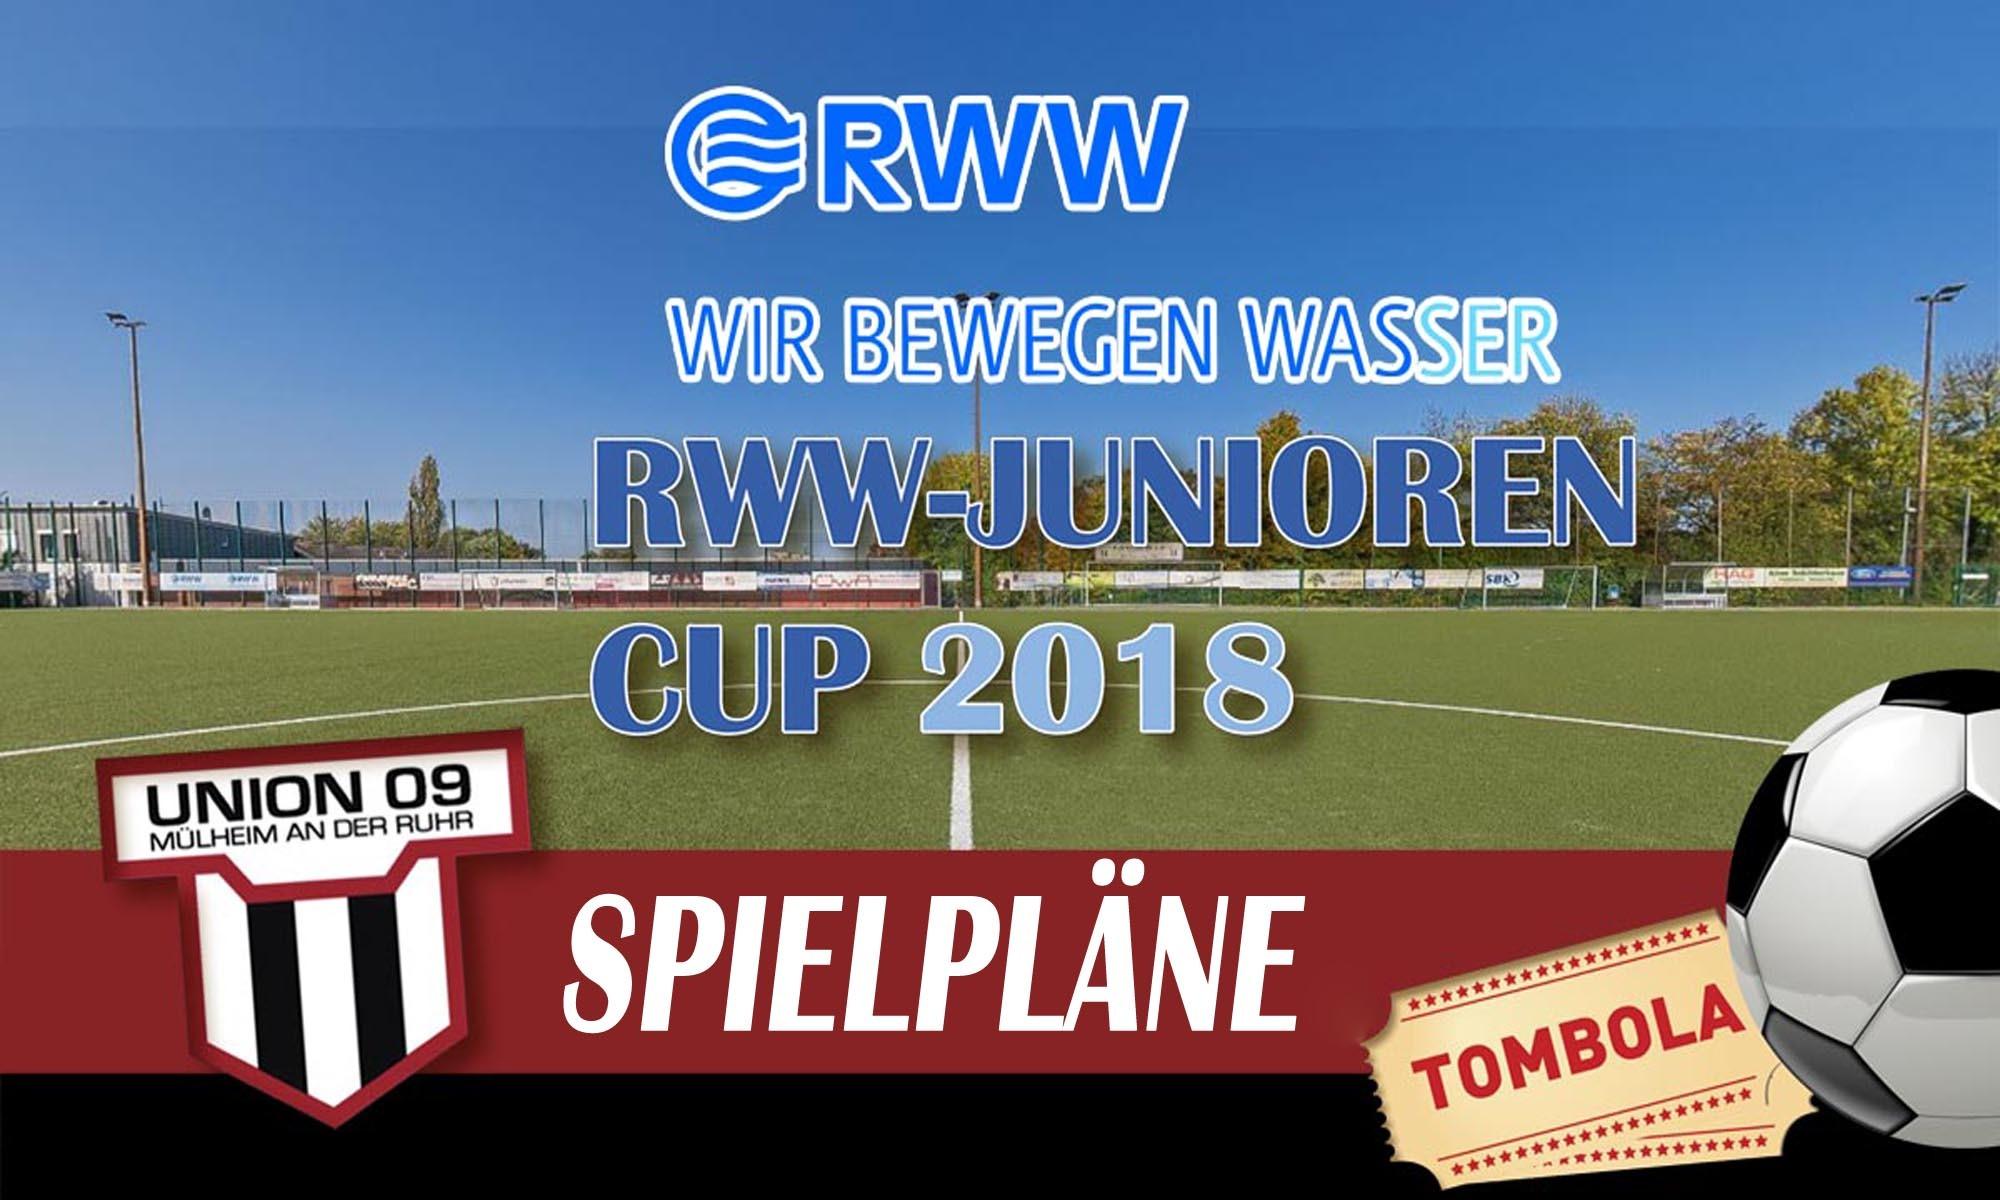 Spielpläne RWW-Junioren Cup 2018